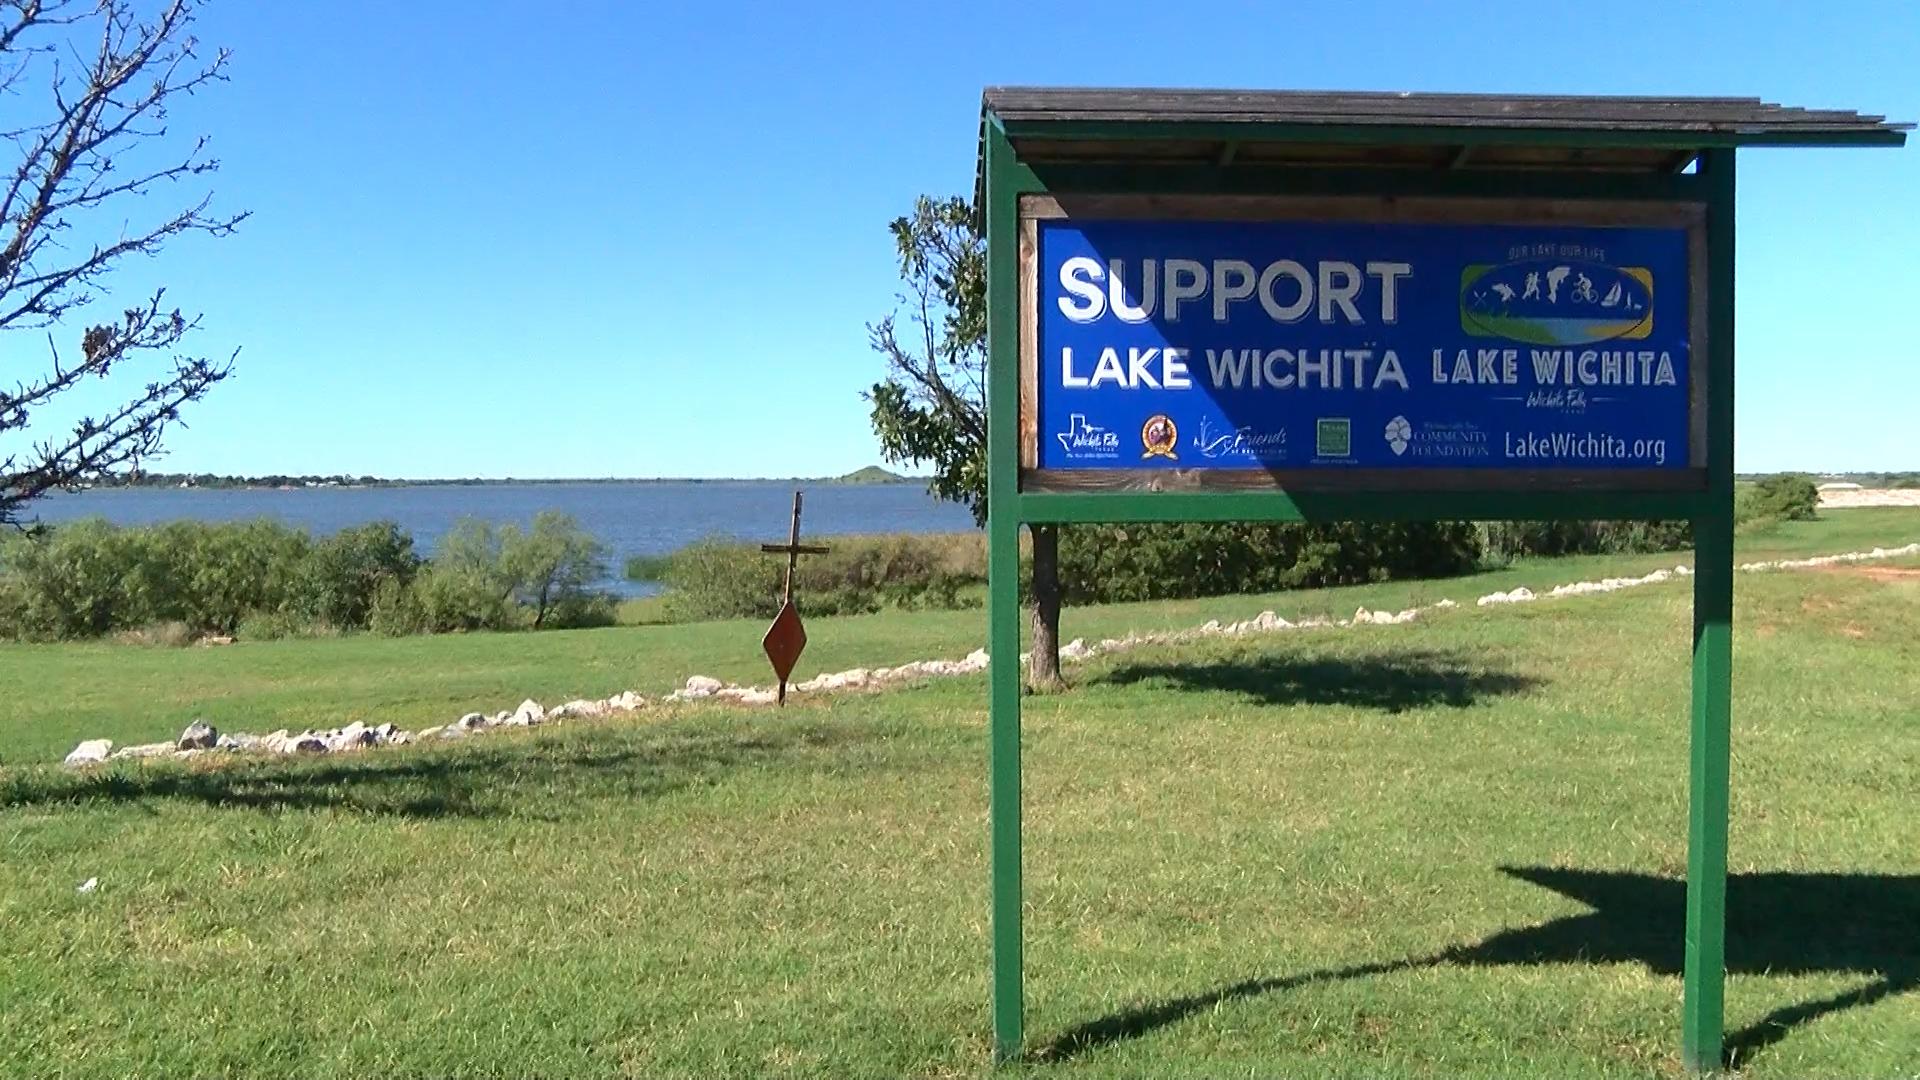 lake wichita_1539209446158.jpg.jpg